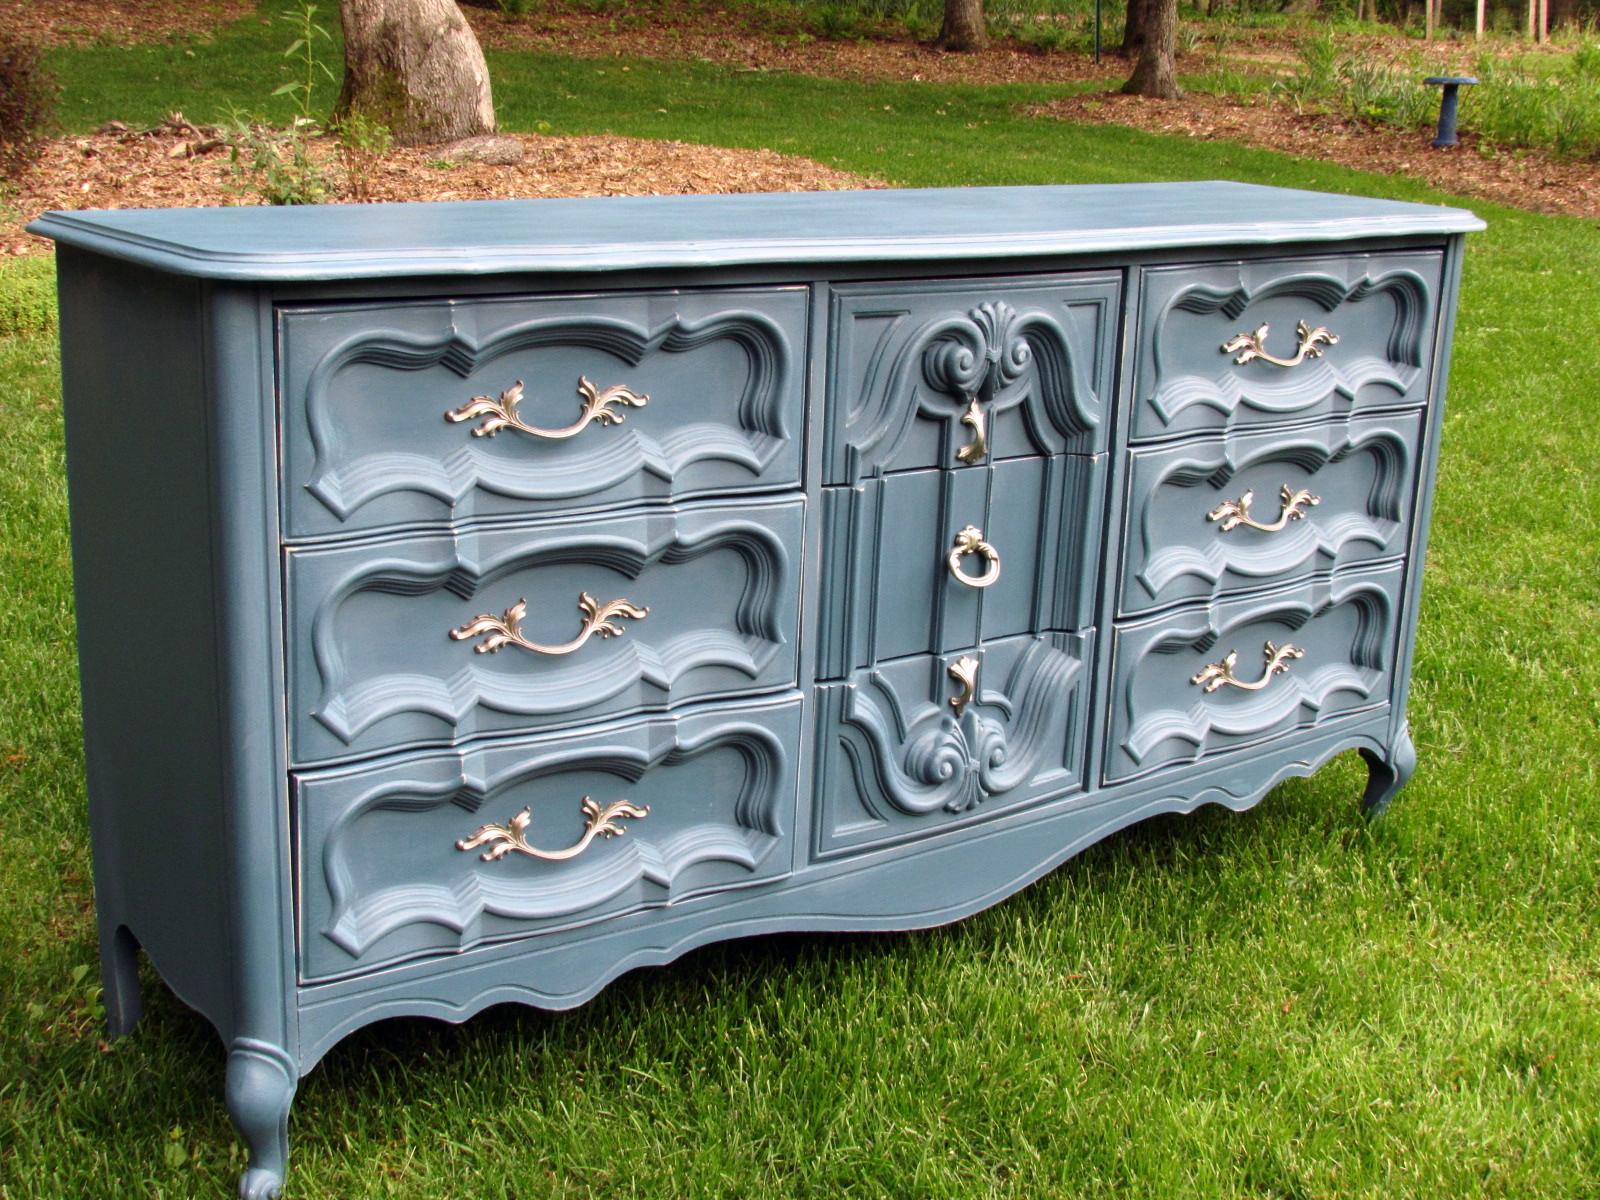 Aubusson Blue Annie Sloan Chalk Paint